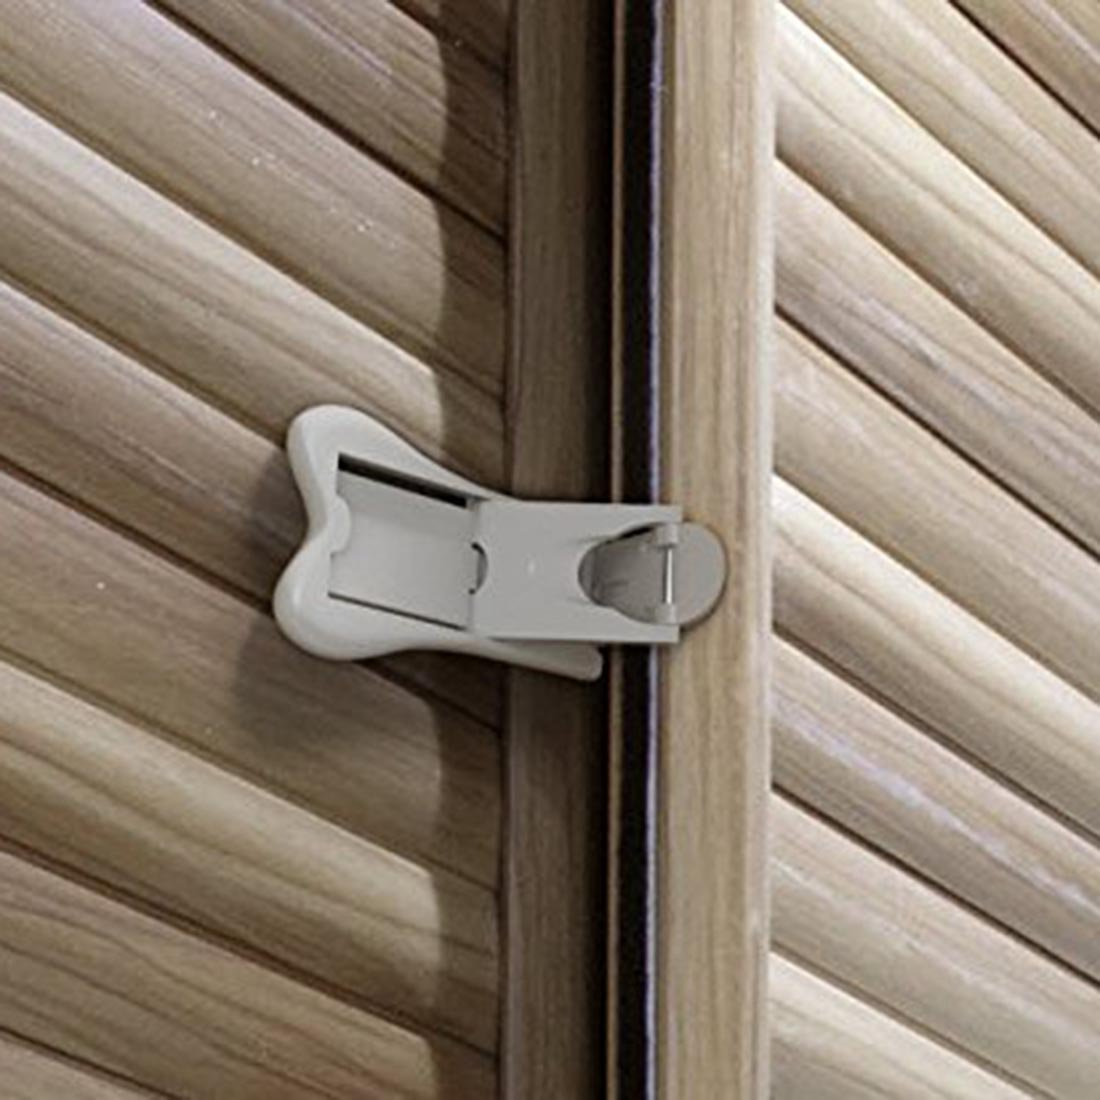 Porte coulissante pour verrou de sécurité enfant - Bébé Proof Armoires de  portes +. Sécurité optimale de votre maison avec pas de vis ou de perceuse  par ... 5c8106979a0